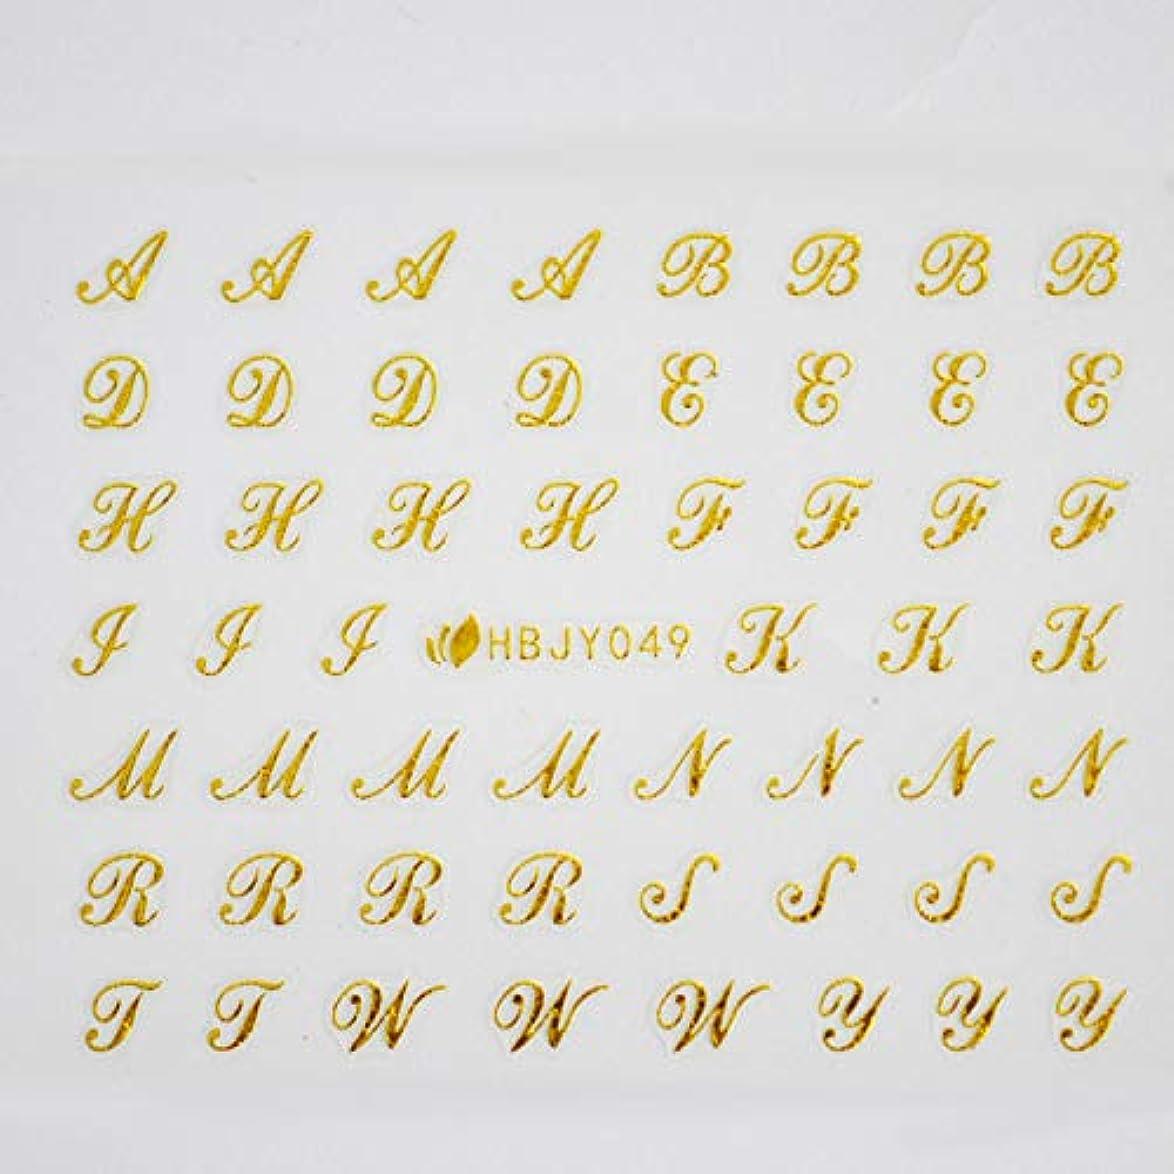 タイマー病院閃光アルファベットやメッセージ や 筆記体 や 数字 の ネイルシール ネイルステッカー (筆記体GOLD)